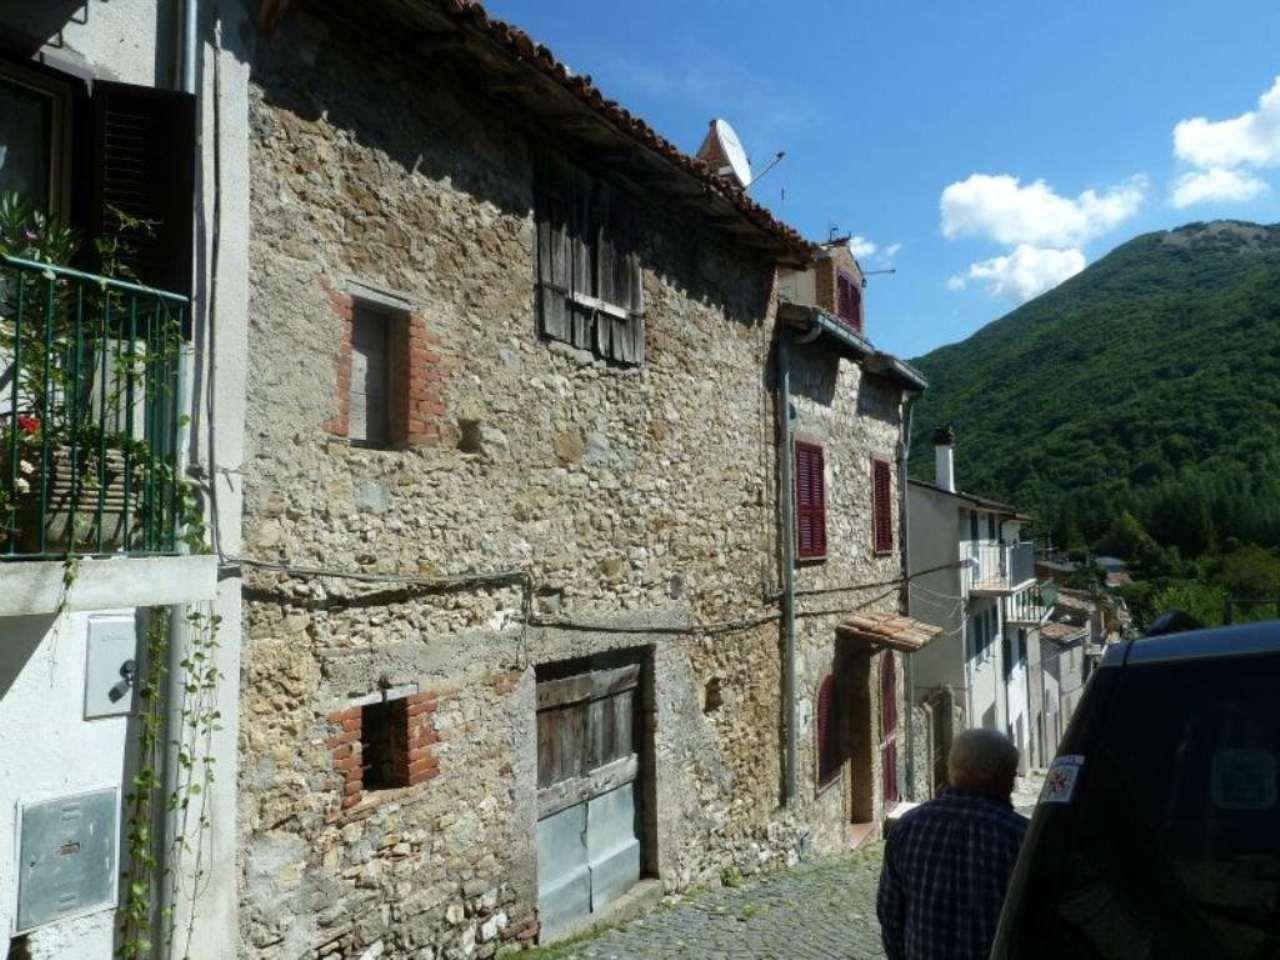 Palazzo / Stabile in vendita a Carsoli, 2 locali, prezzo € 30.000 | Cambio Casa.it